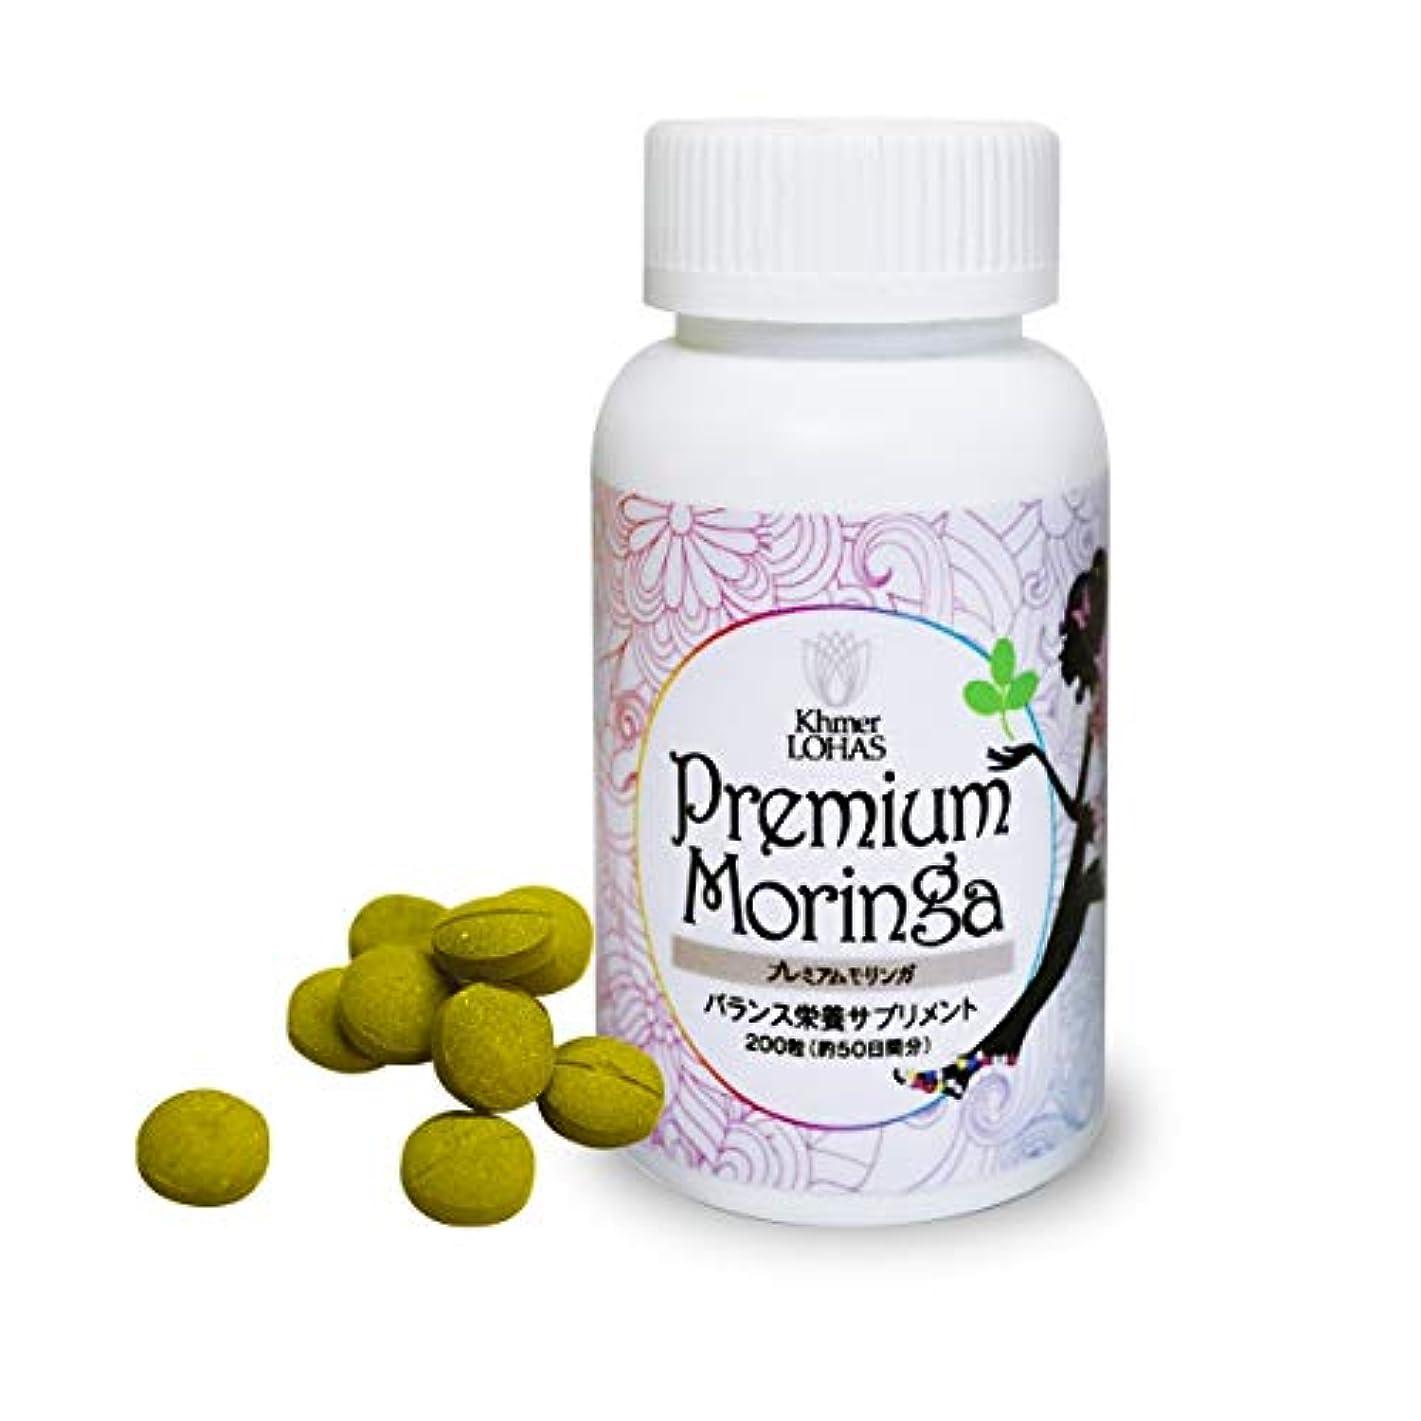 アメリカリマークアジアKhmer LOHAS(クメールロハス) プレミアムモリンガ サプリメント 無添加 無農薬 約50日分